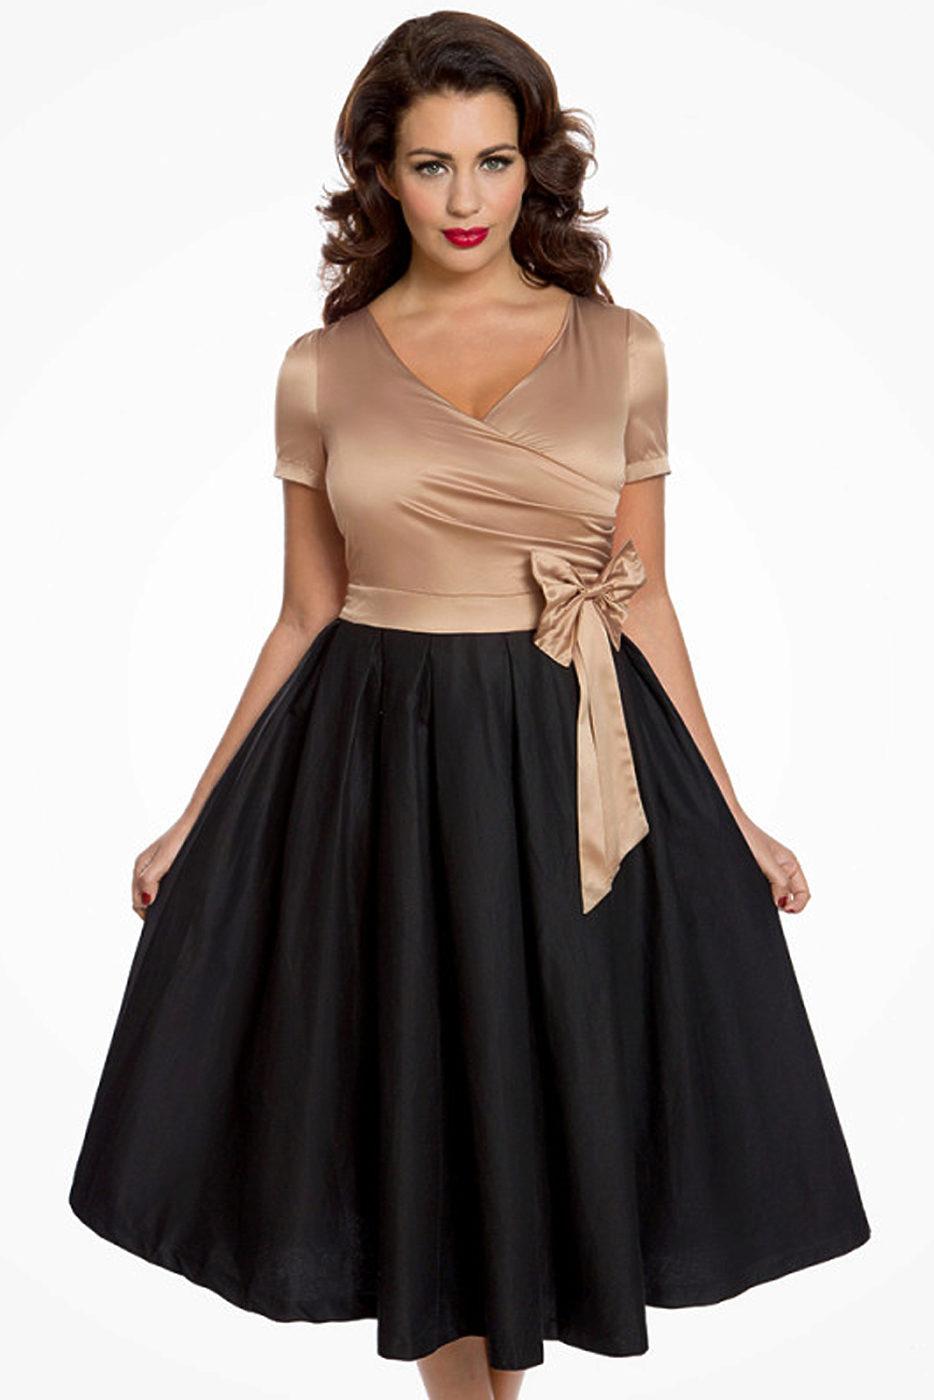 e26040268275 Společenské šaty Lindy s mašlí Bop Gina Lindy Bop